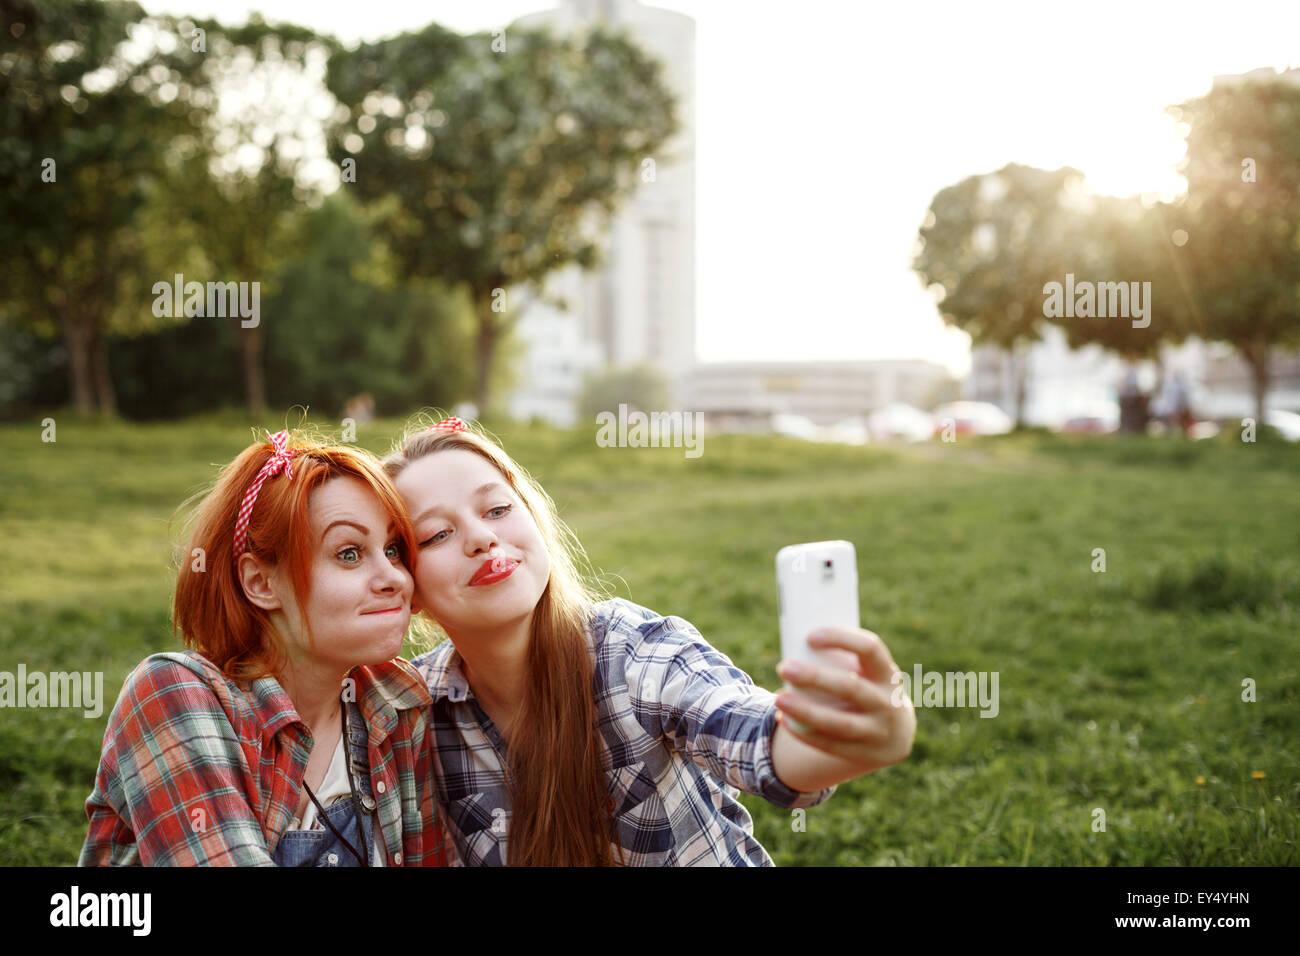 Zwei junge Hipster Mädchen mit Spaß und unter Fotos (wodurch Selfie) auf Smartphone in einem Sommer-Park Stockbild